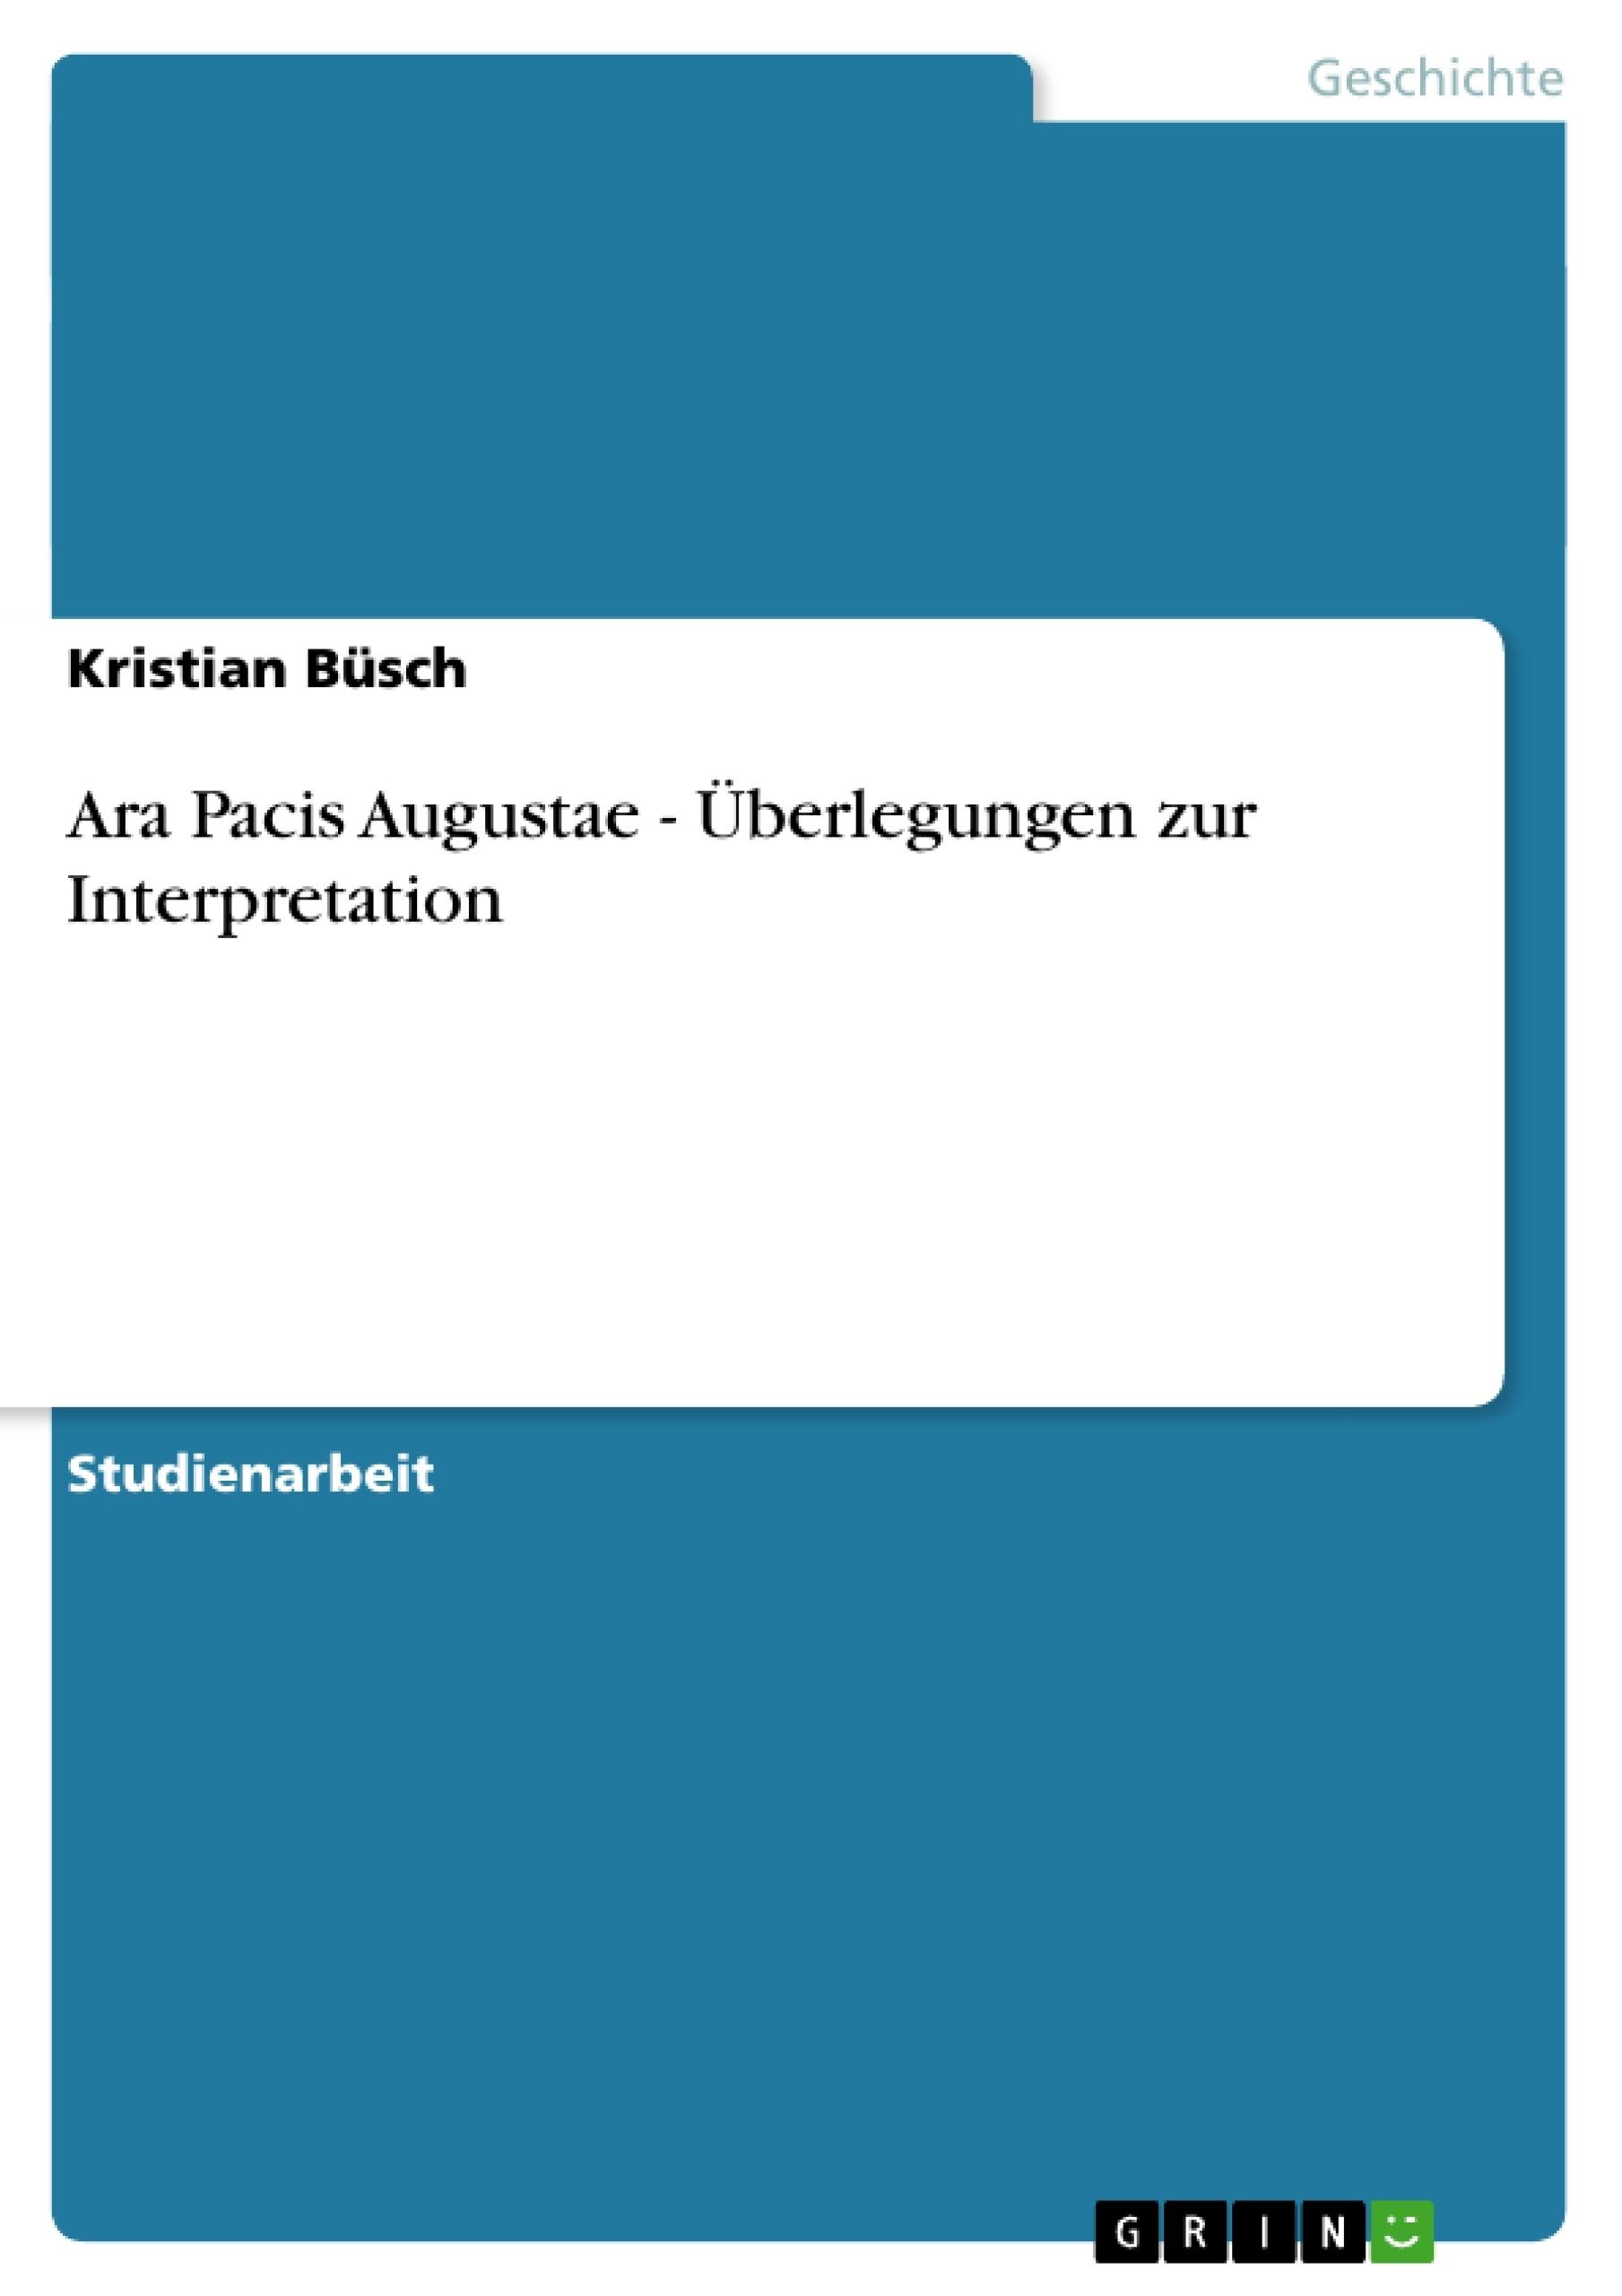 Titel: Ara Pacis Augustae - Überlegungen zur Interpretation